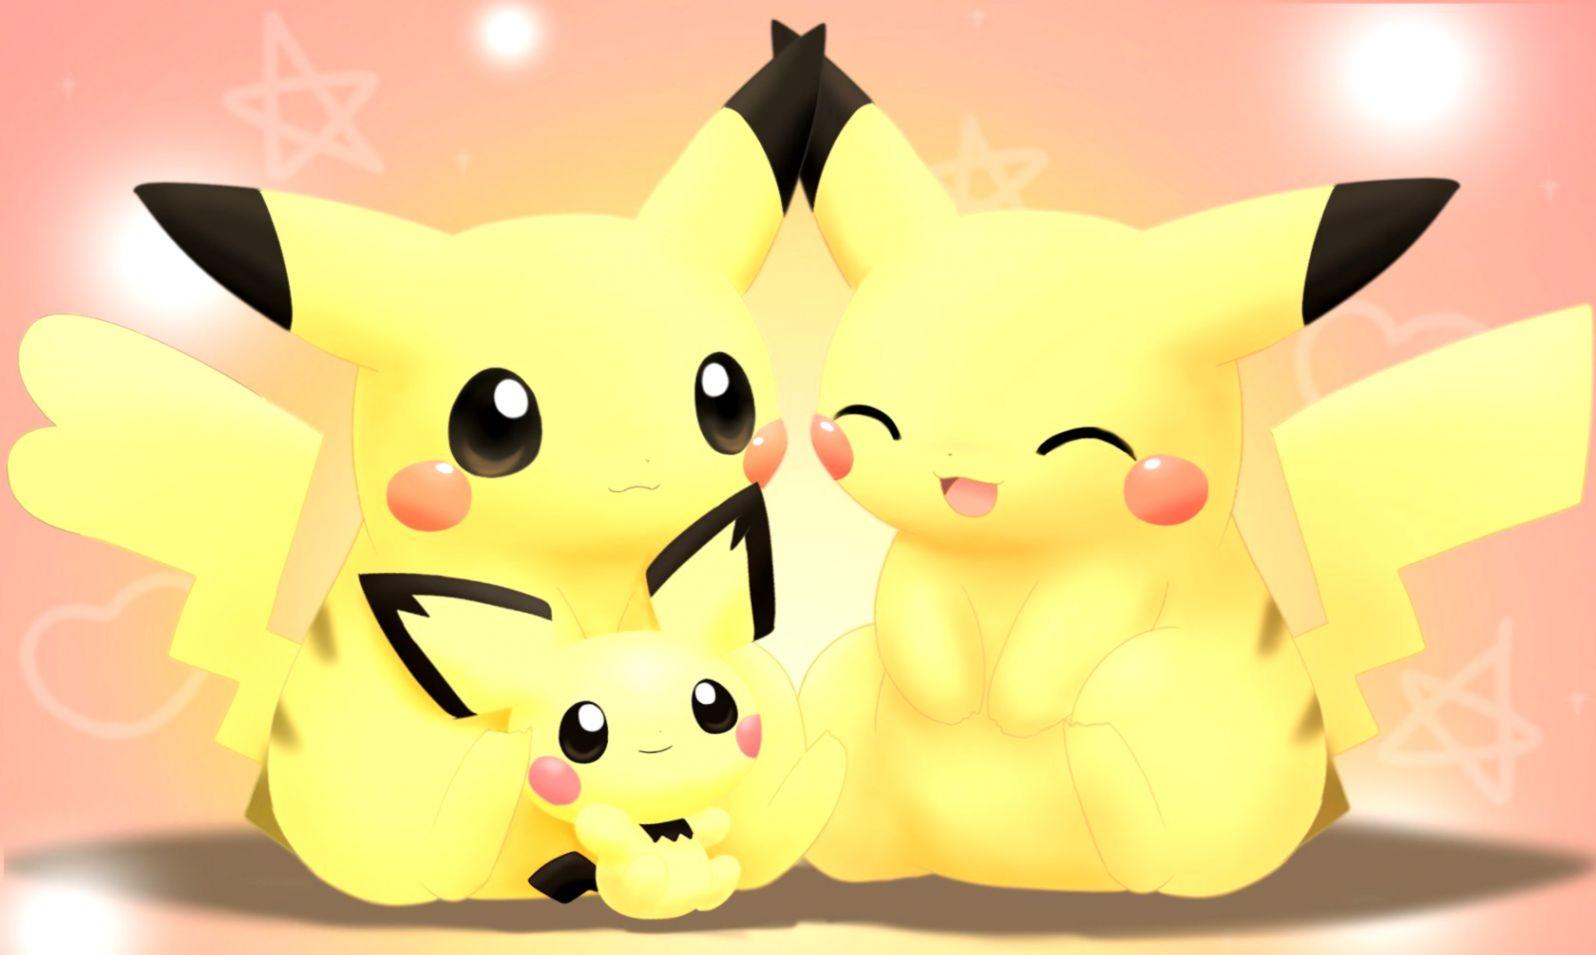 Pokemon Pikachu Smile Wallpaper Hd Laptop Wallpapers 1596x955